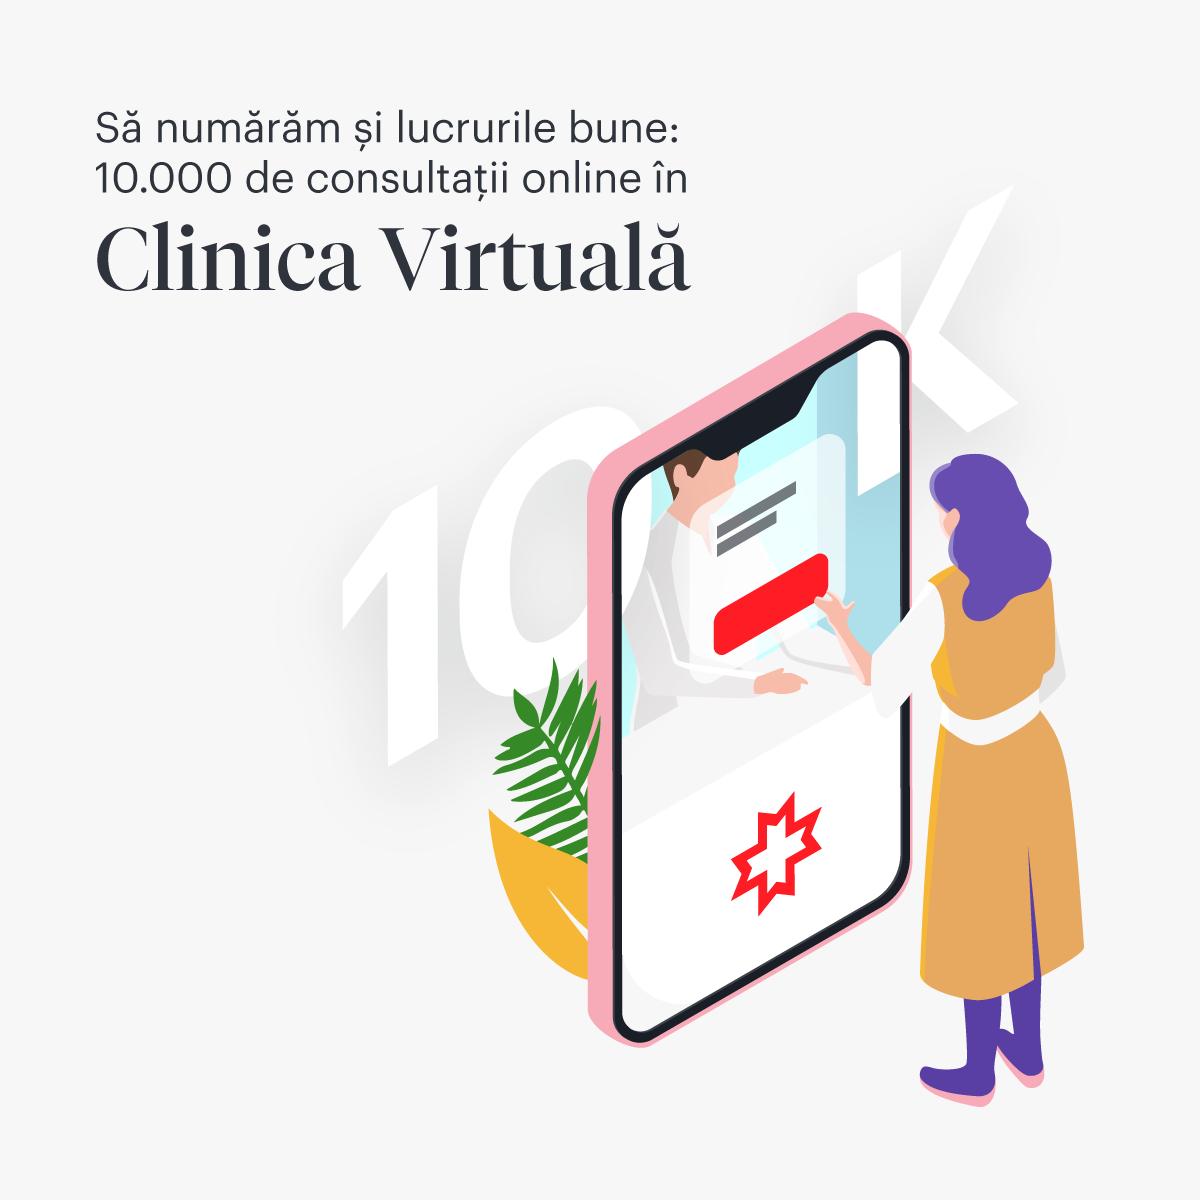 400 de medici din Rețeaua de sănătate REGINA MARIA acordă consultații online prin intermediul Clinicii Virtuale